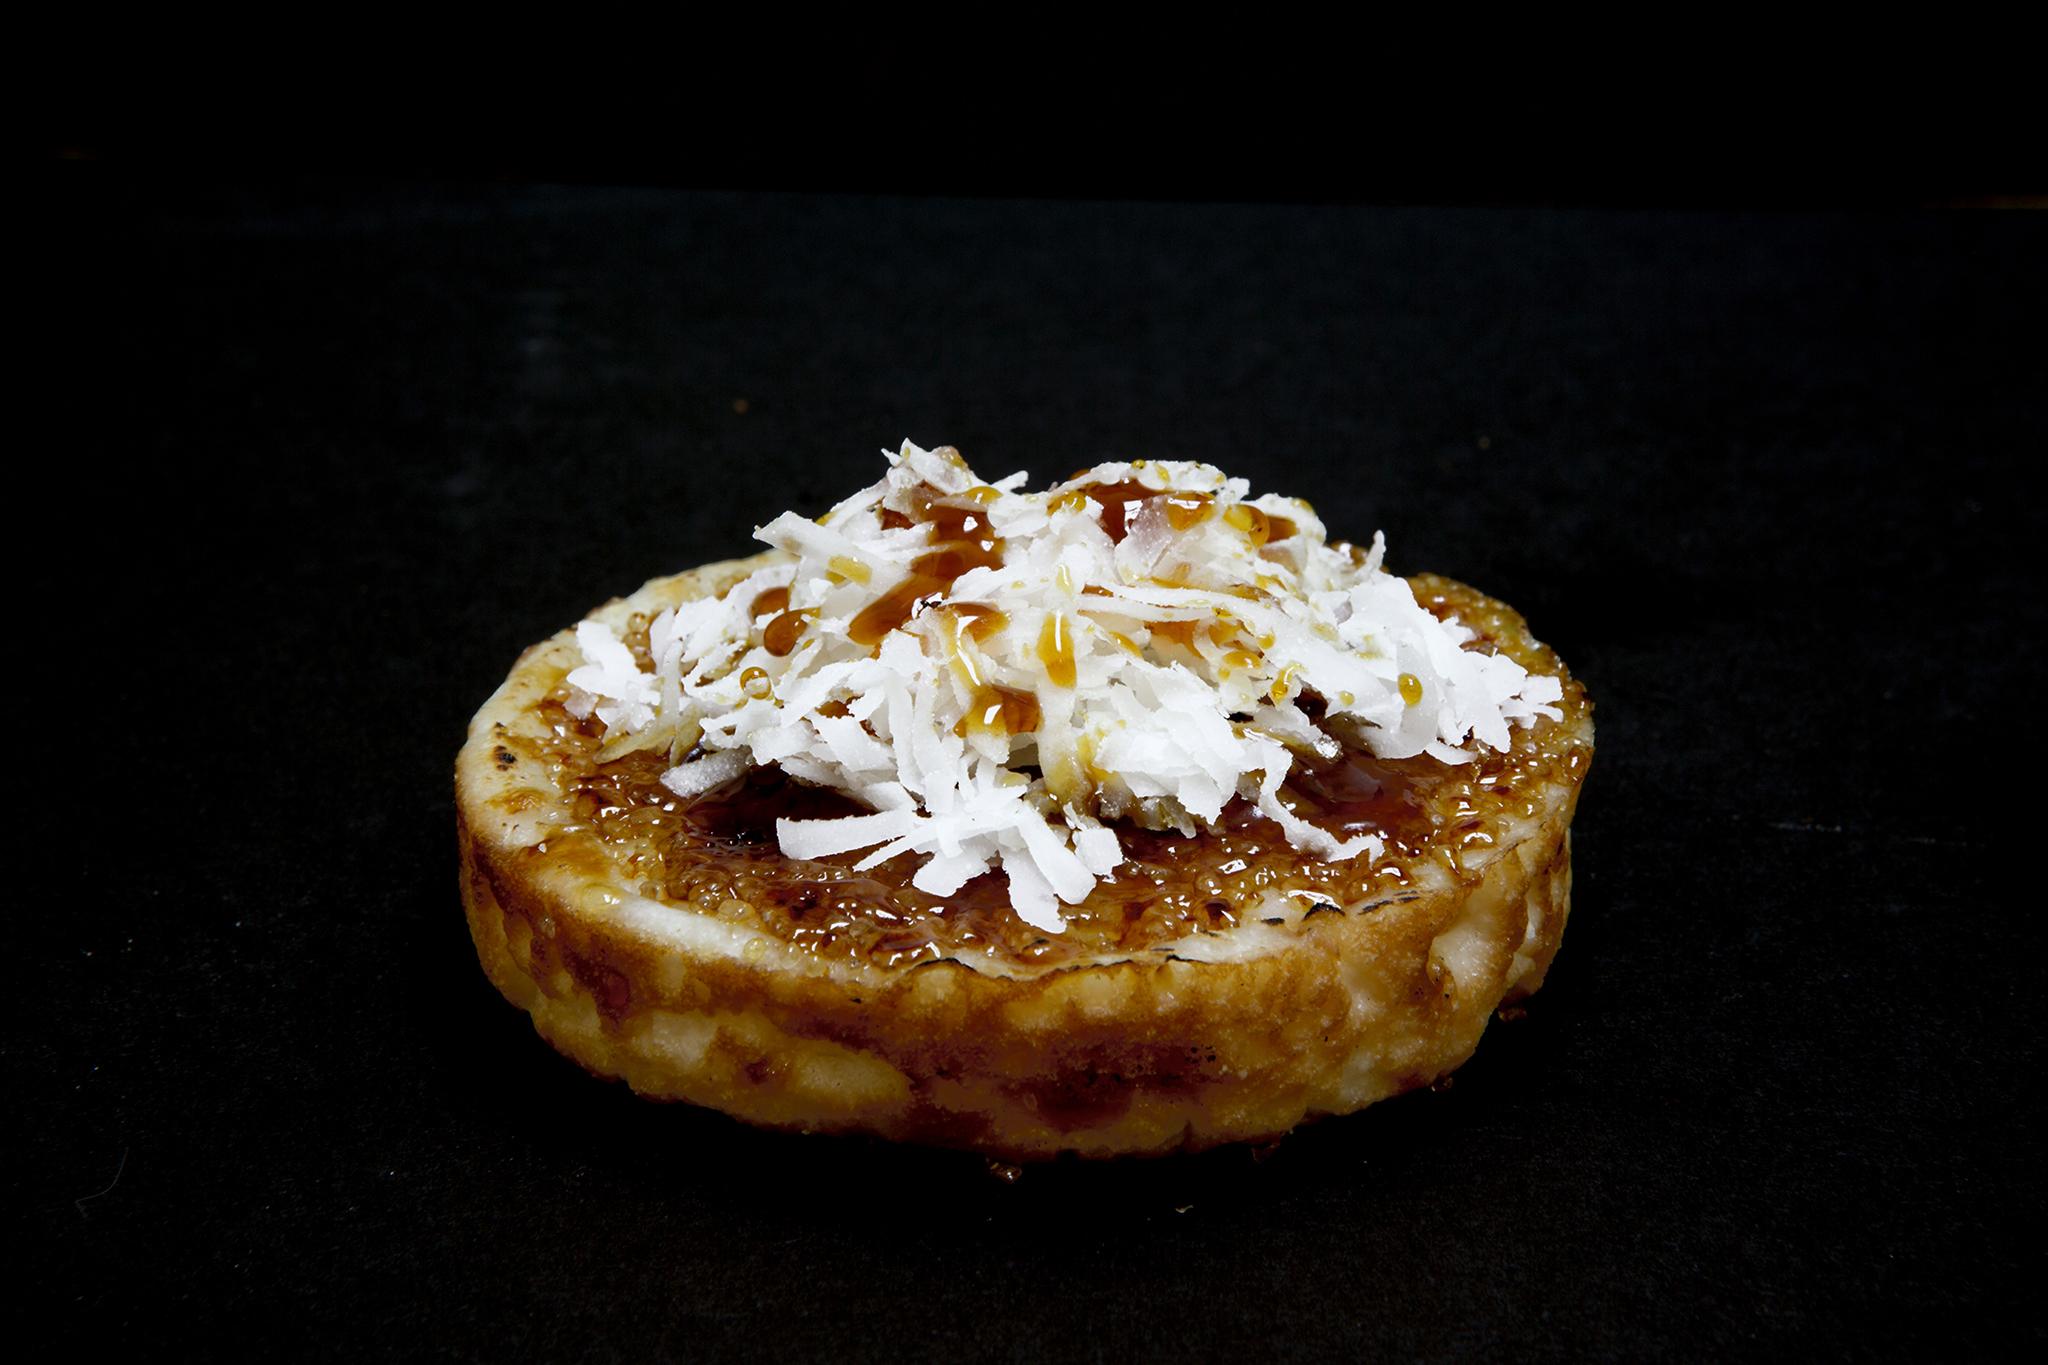 Java palm sugar kue pancong at Moon Man